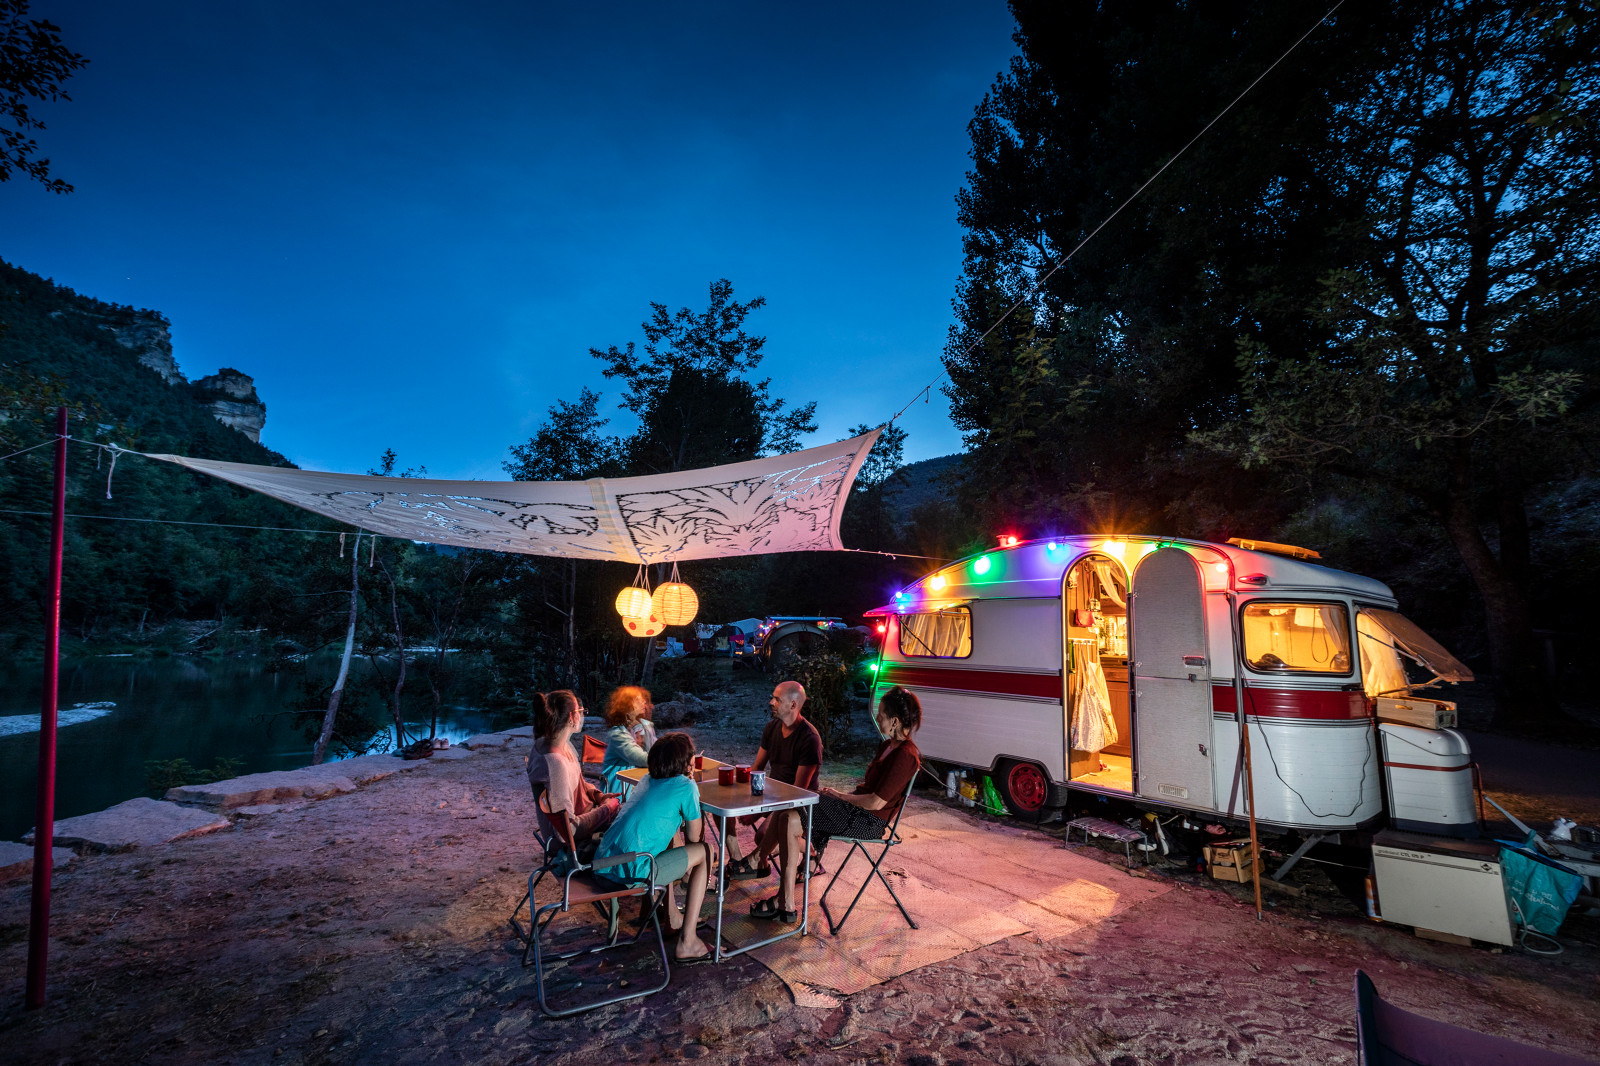 Camping Huttopia Gorges du Tarn, Les Vignes, Lozère